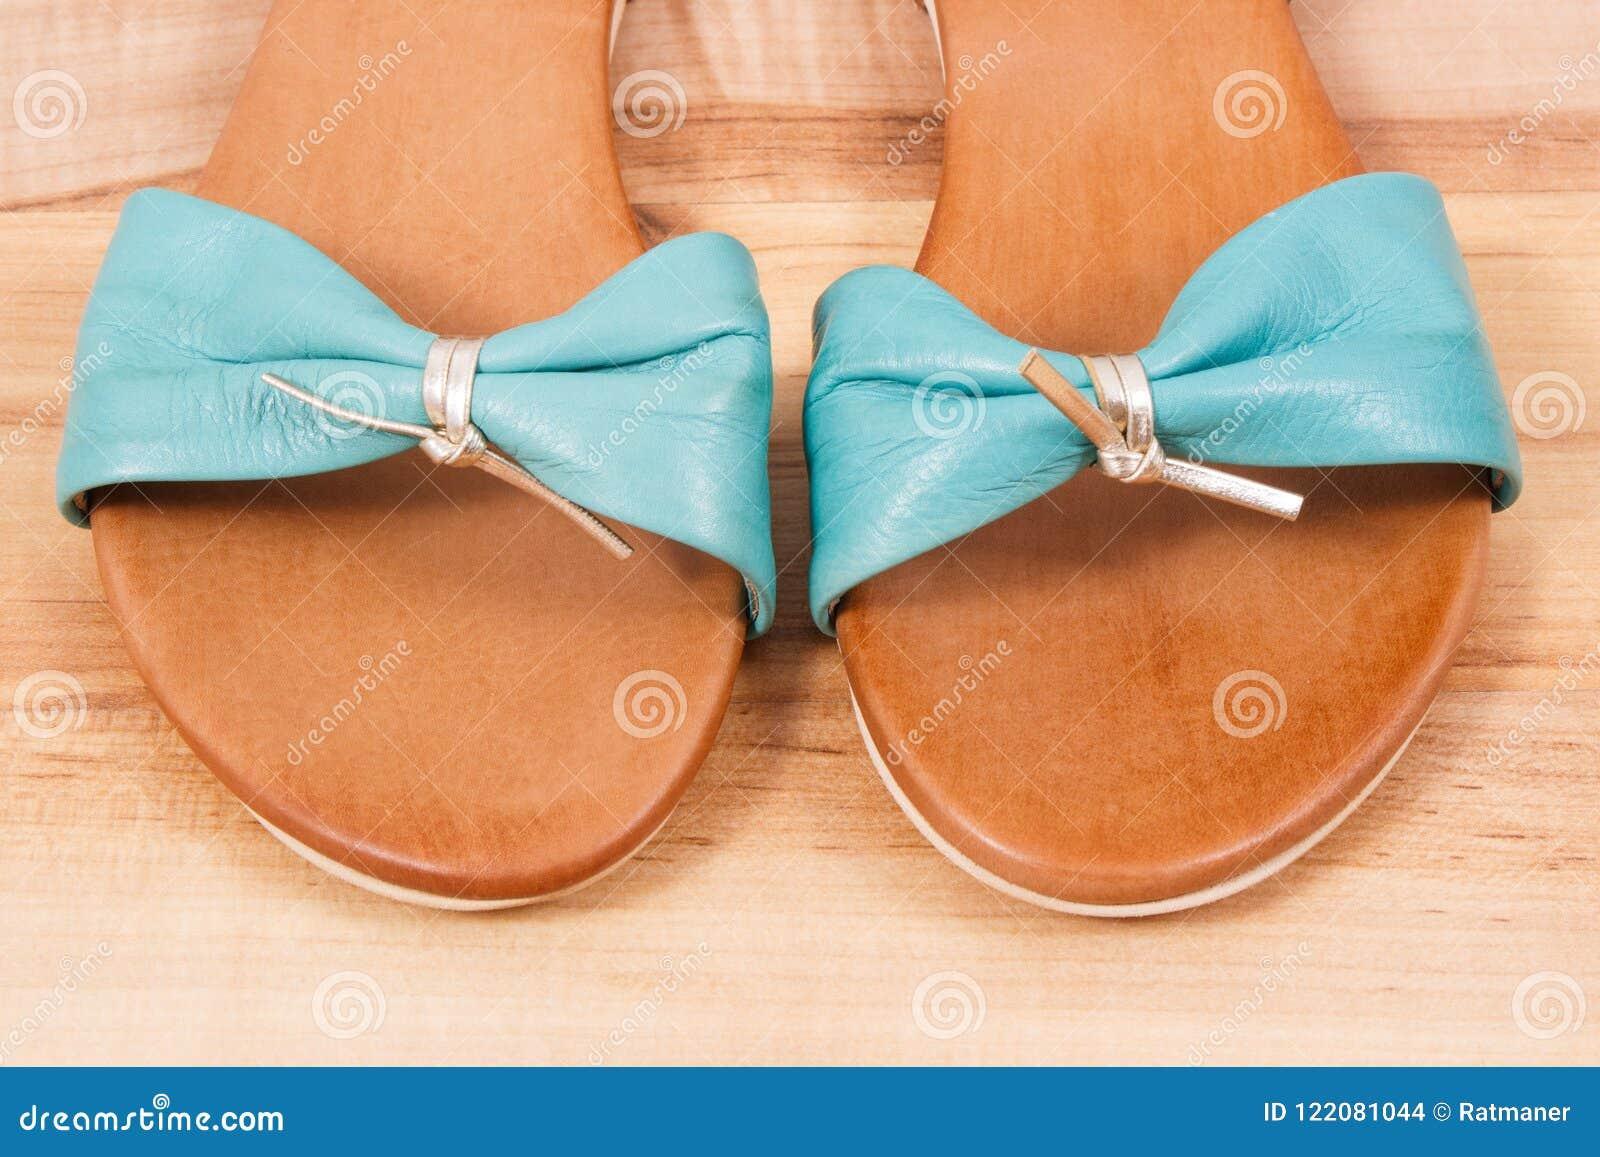 Para De Las Sandalias Cuero En Pares FemeninasZapatos Usar R4AjL3q5